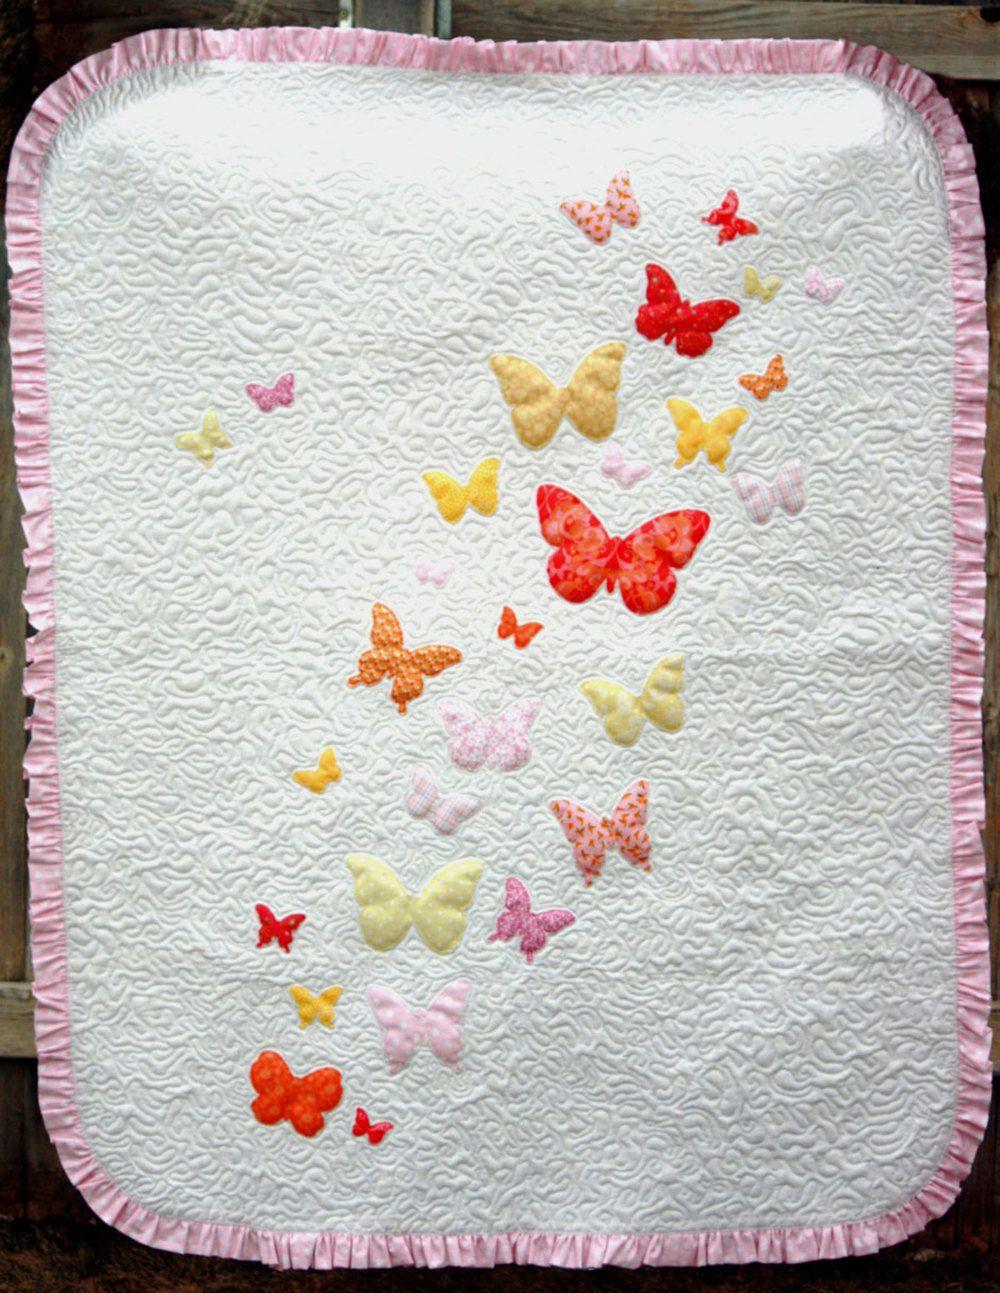 Butterflies a Flutter Baby Quilt Pattern | Baby quilt patterns ... : free baby quilt applique patterns - Adamdwight.com